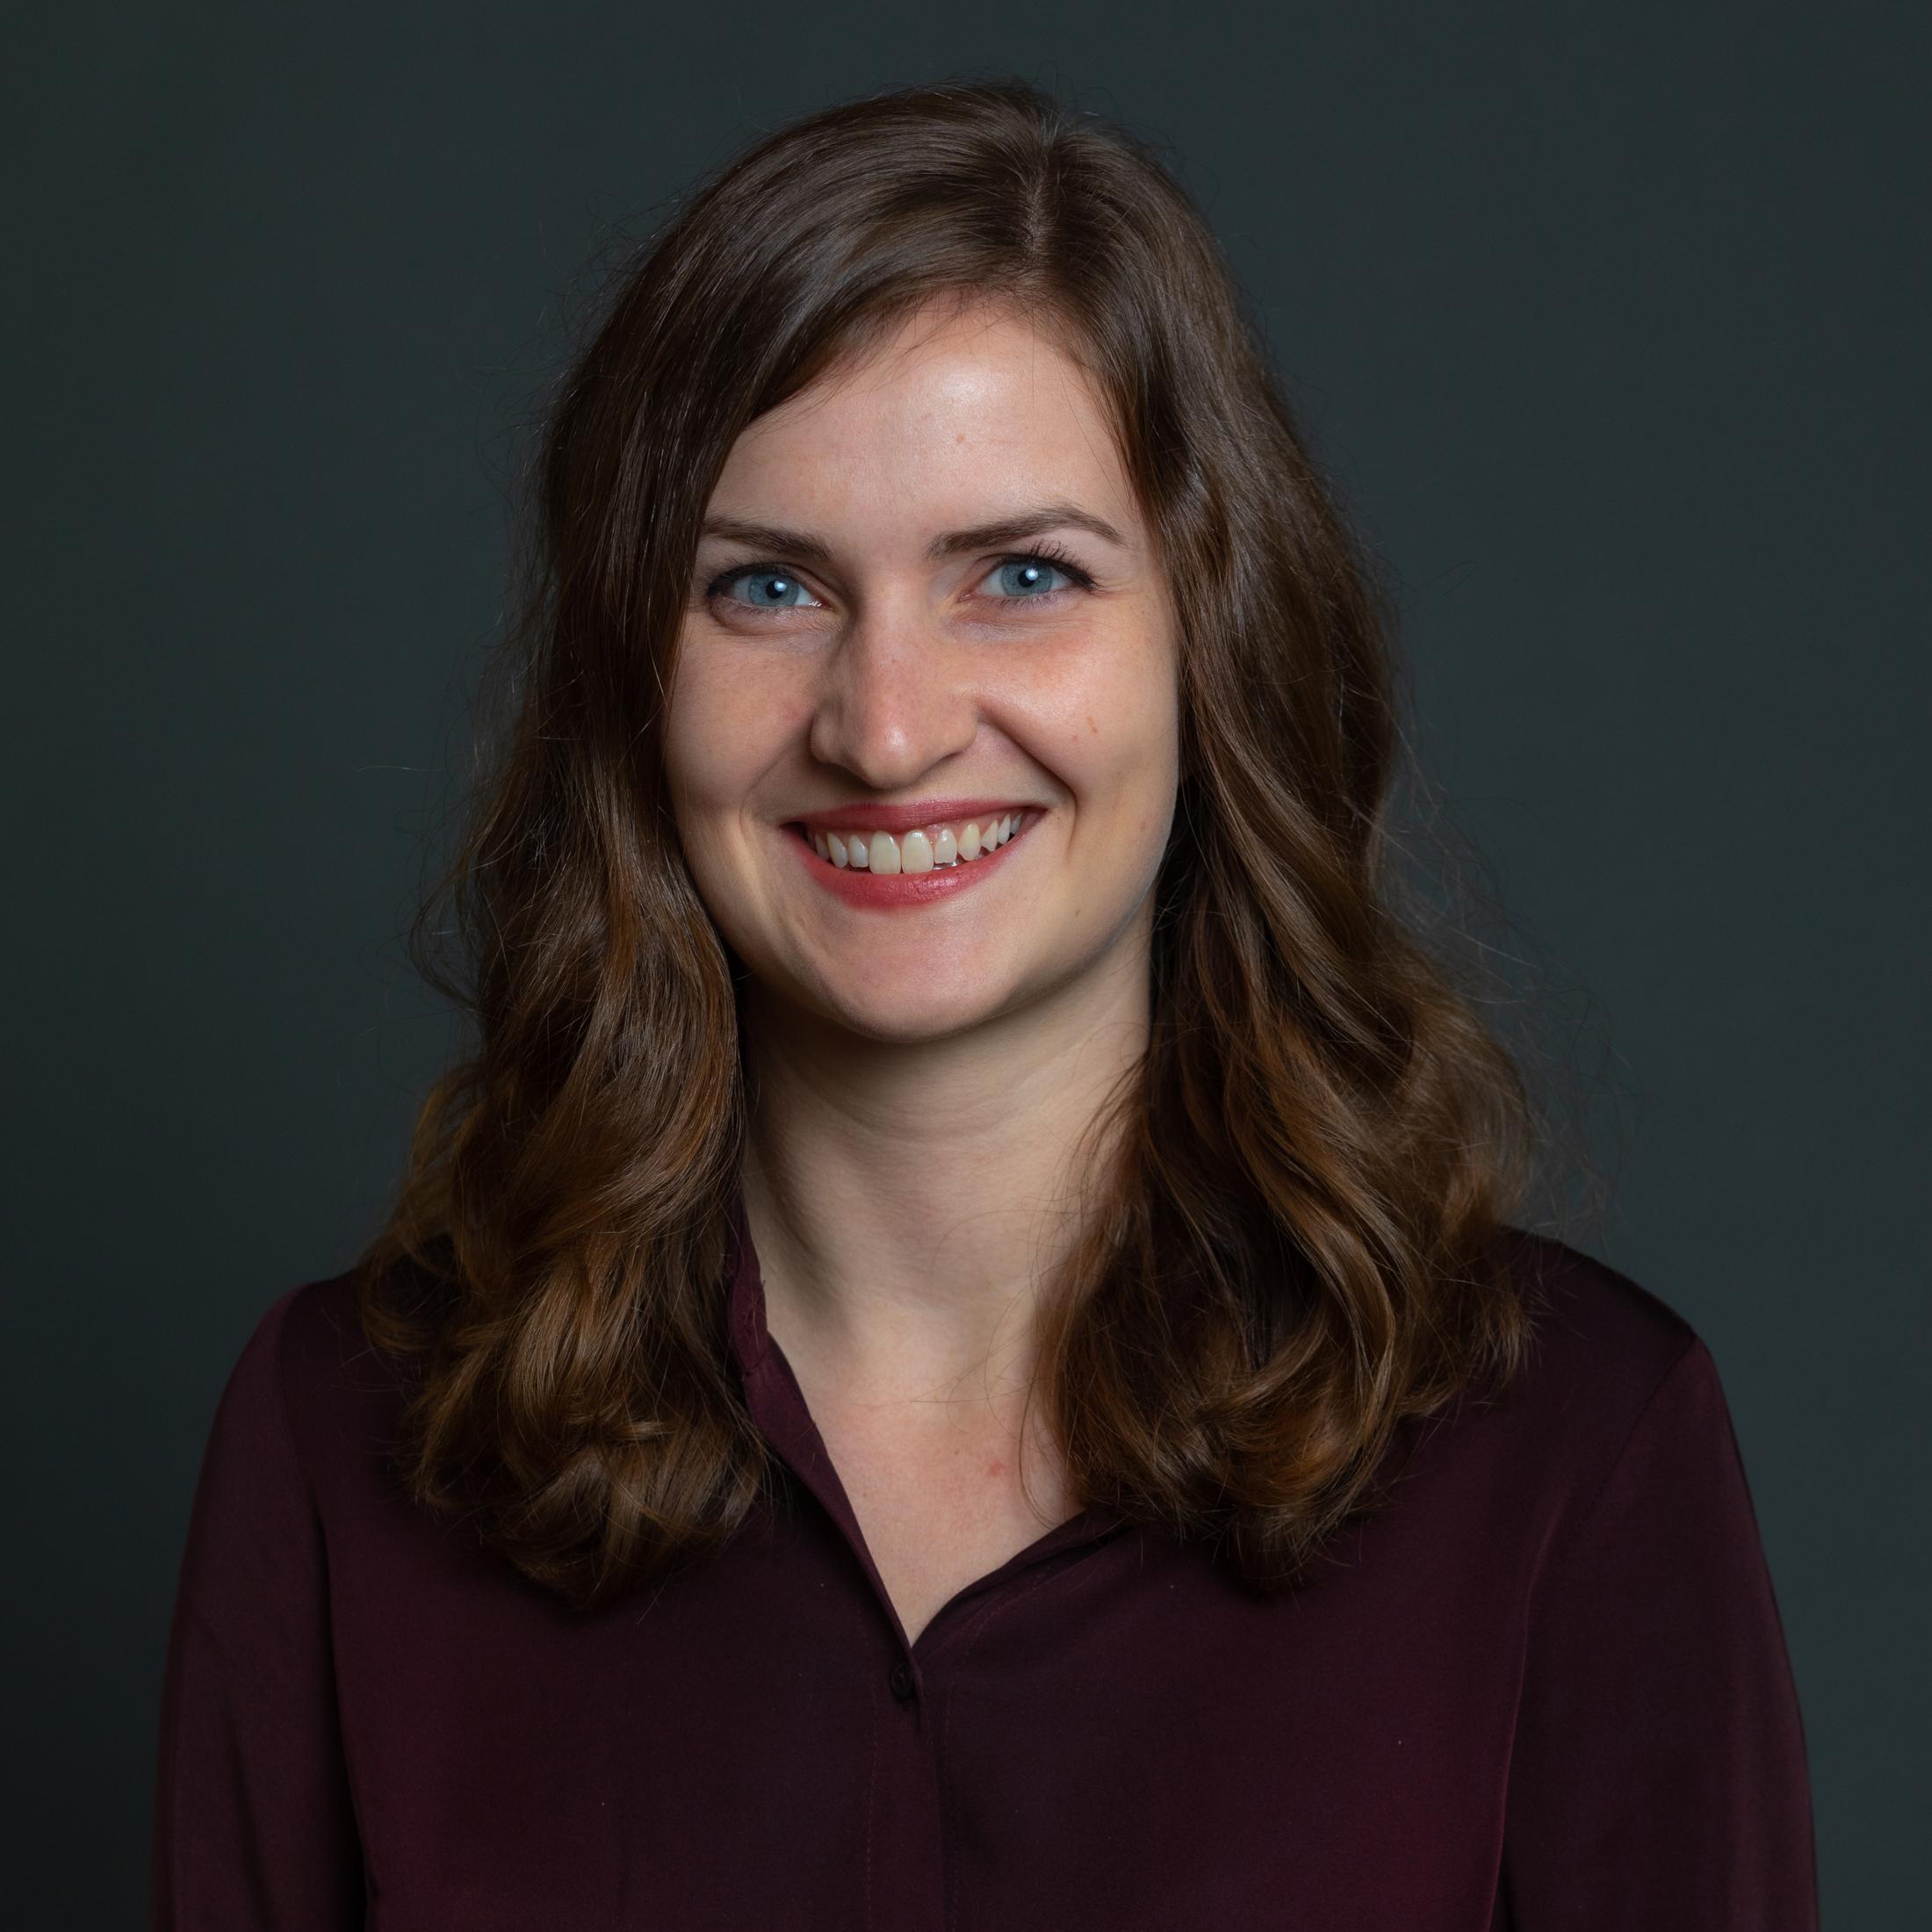 Katie Horneffer, Harvard Global Health Institute, November 4, 2019.